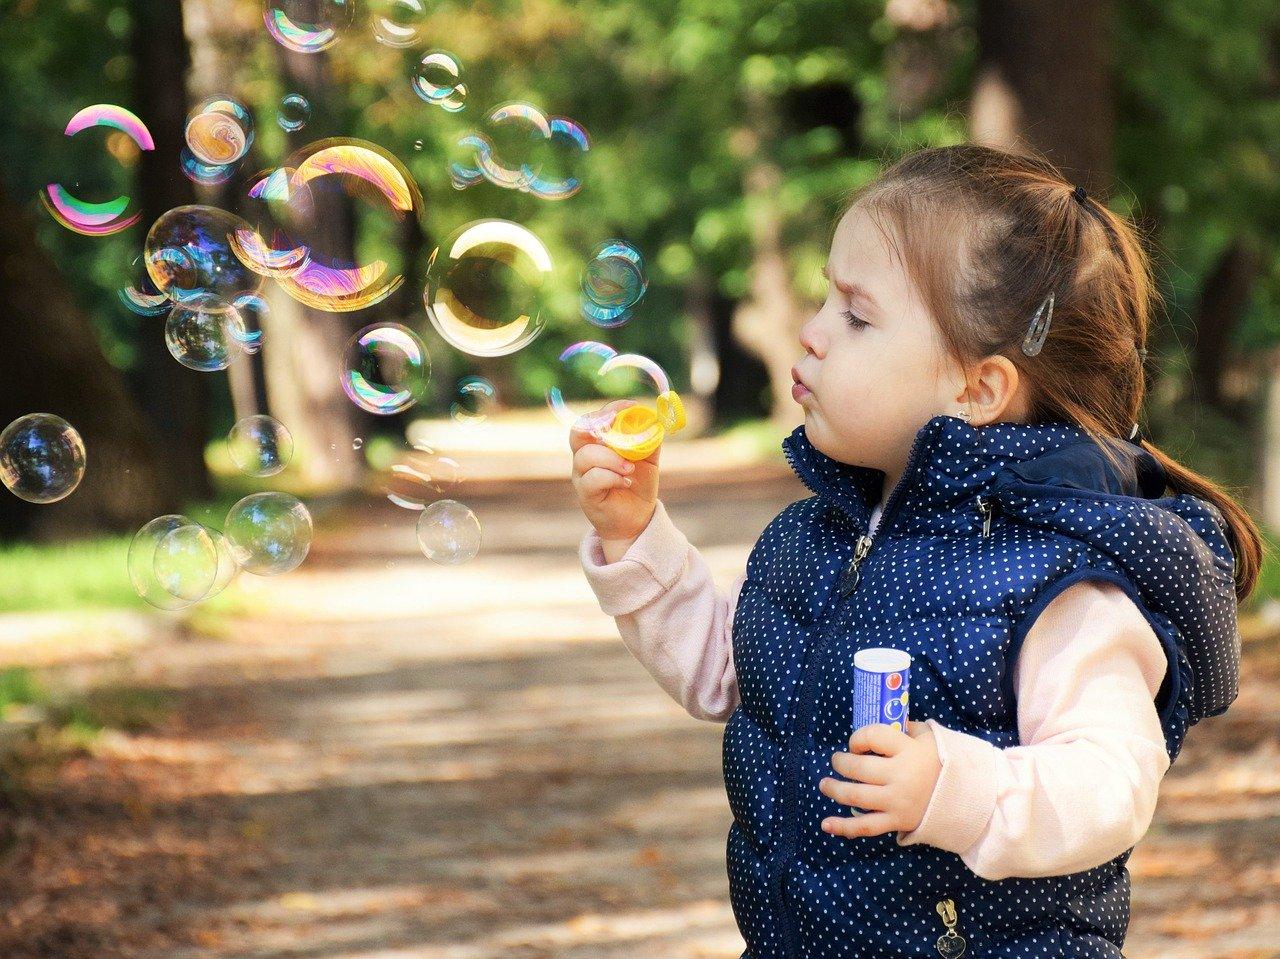 criança menina fazendo bolhas de sabão